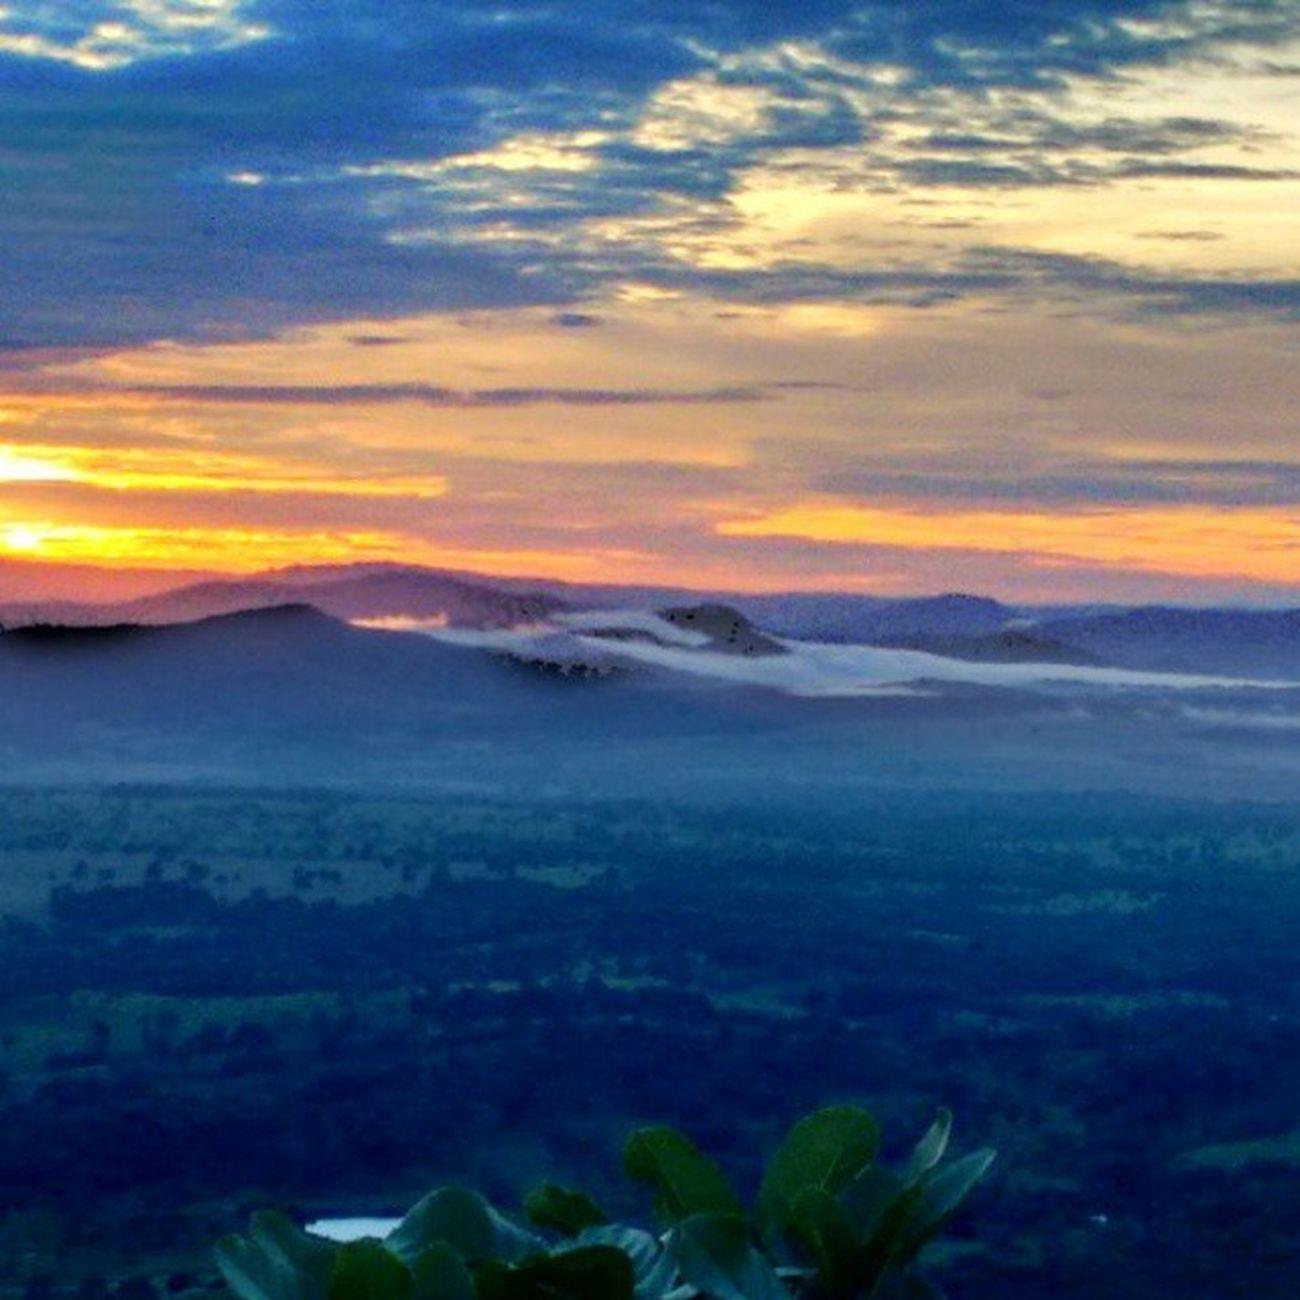 Junto com o nascer do sol, renasce os sonhos e as energias para segui-los!!Semfiltro Serradejaraguá Paisagemlinda $nascerdosol